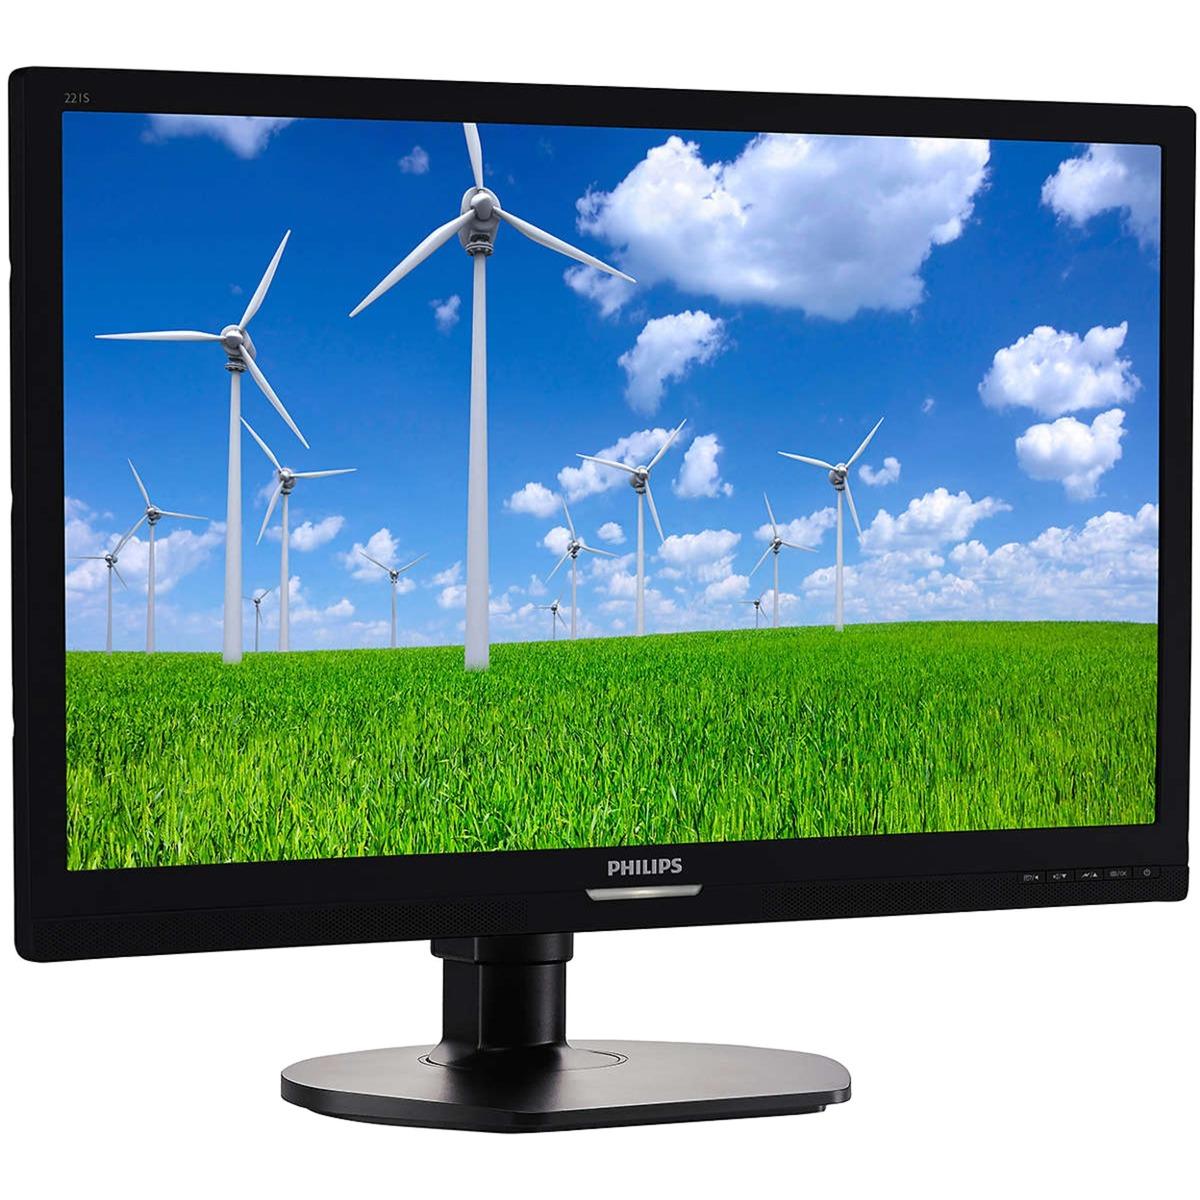 Brilliance Monitor LCD con retroiluminación LED 221S6QYMB/00, Monitor LED